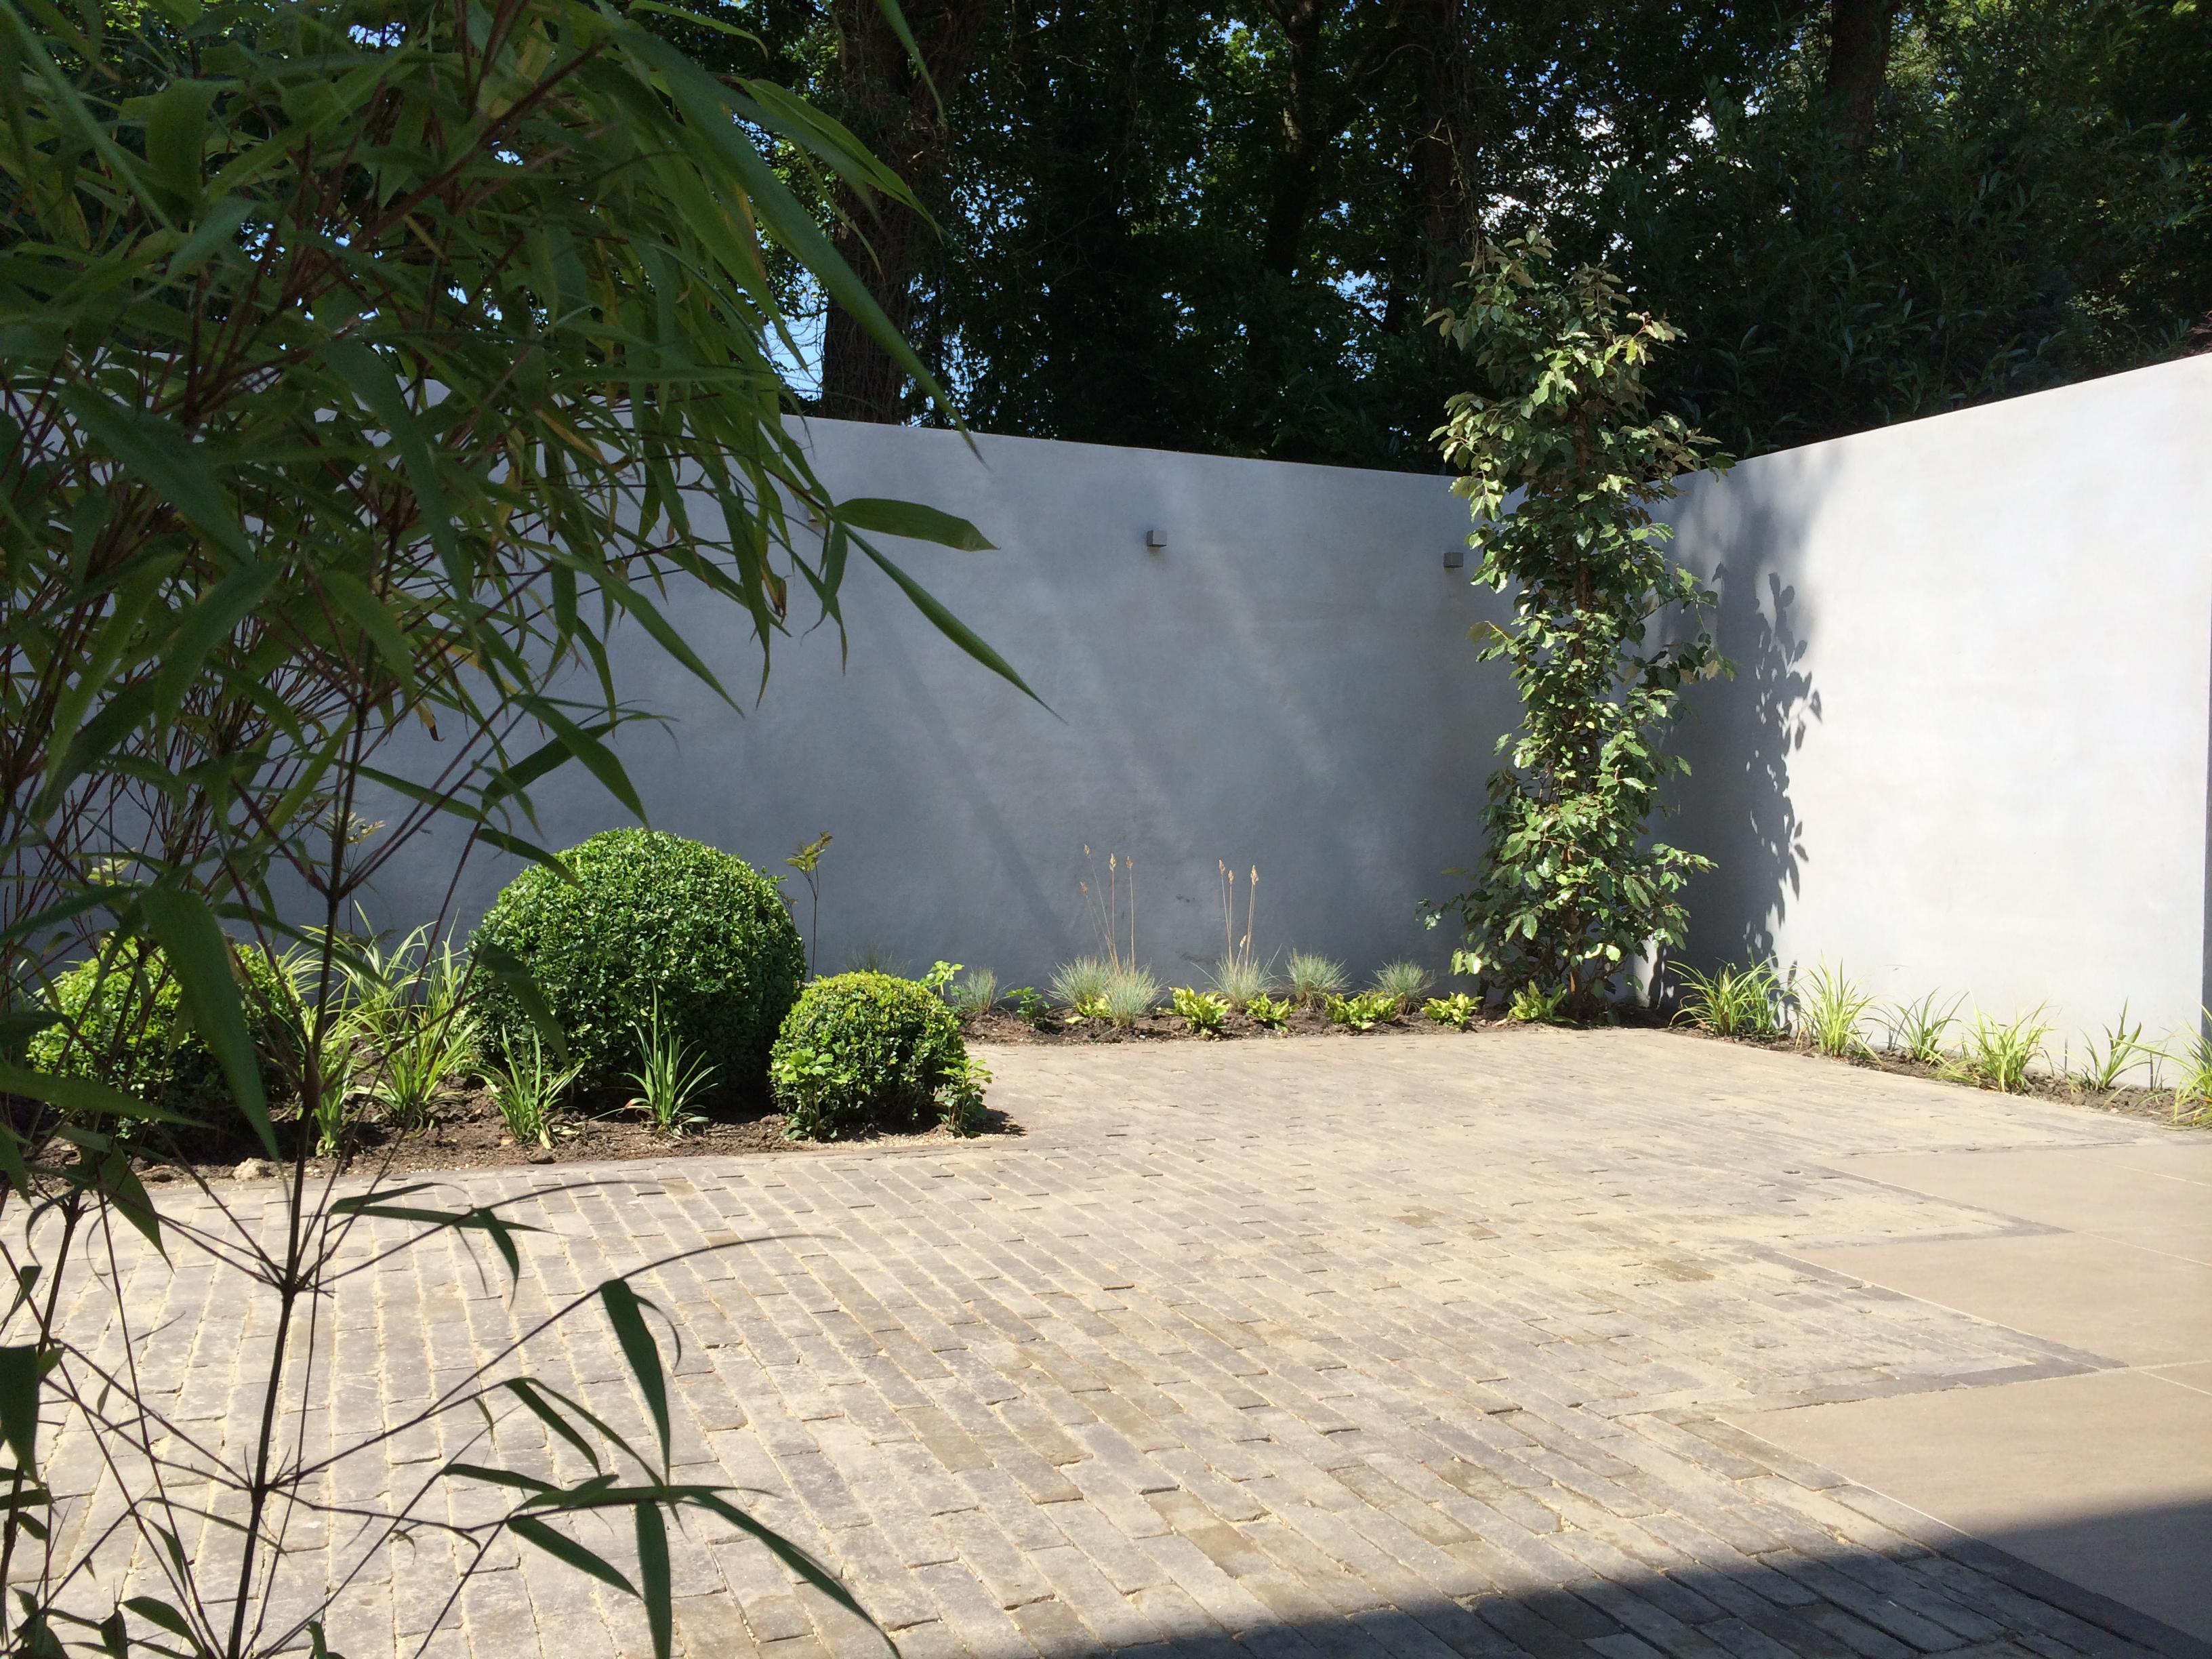 Creatieve ideeën voor tuindecoratie aan de muur